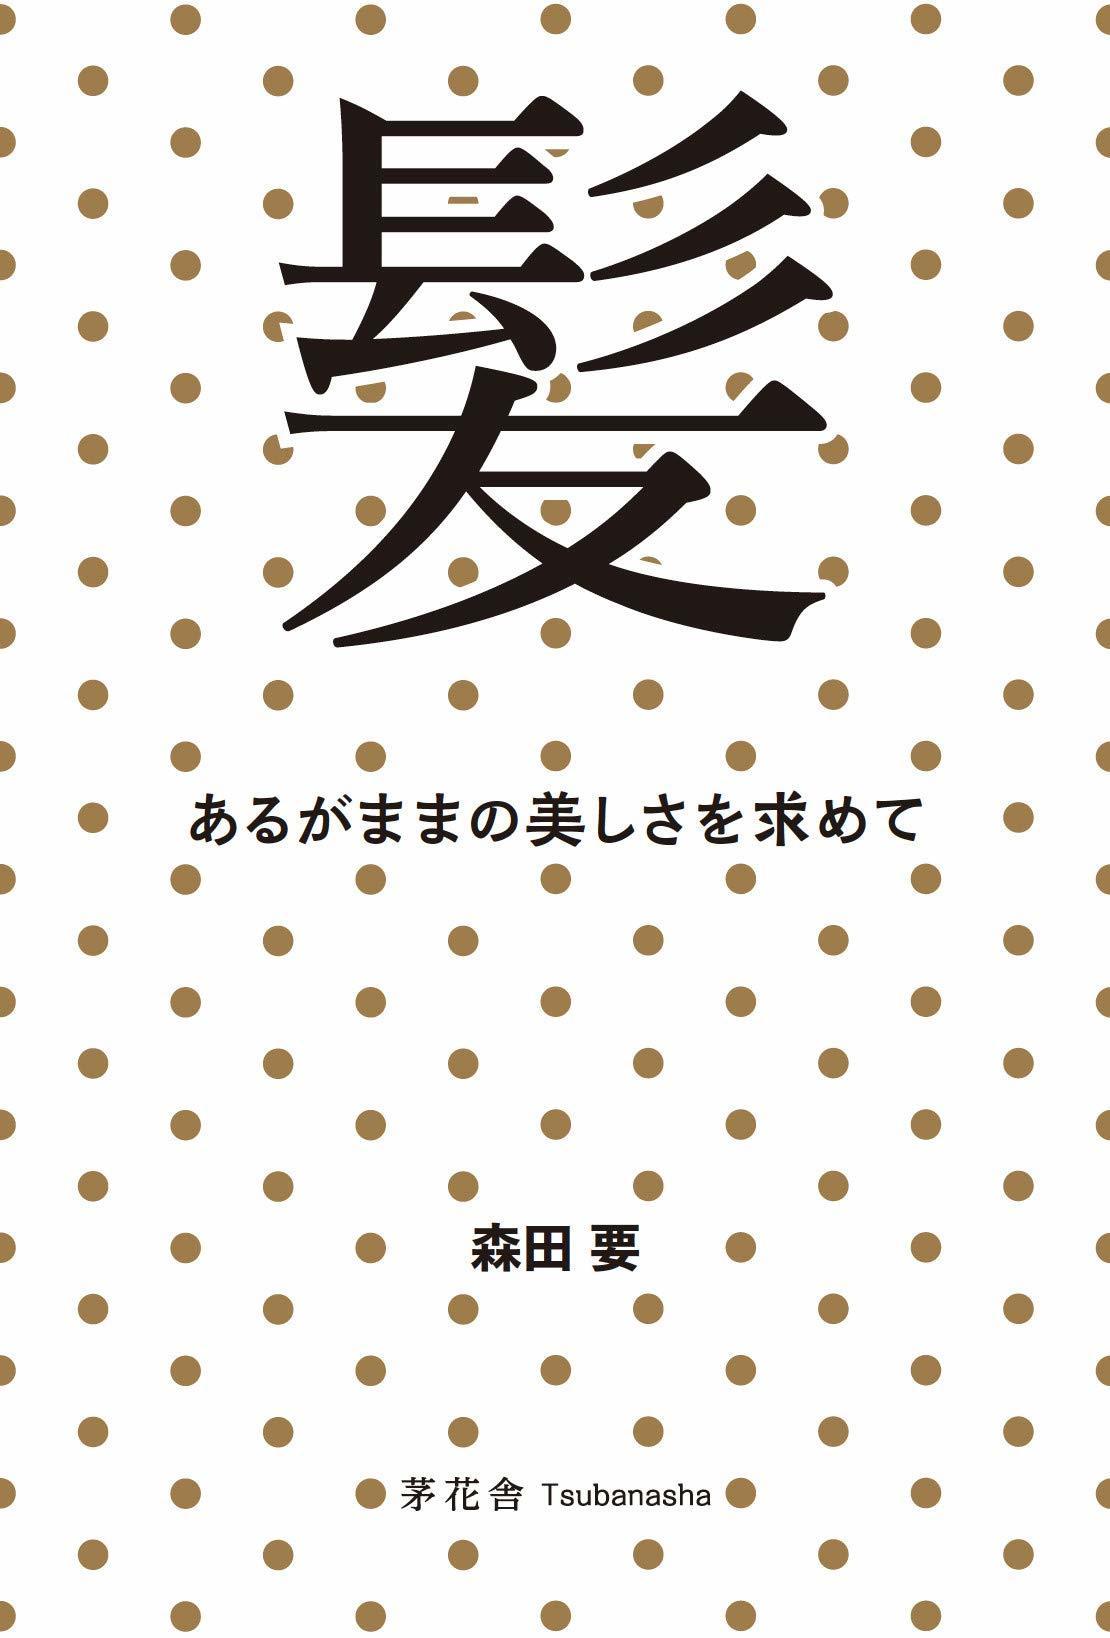 6/21  森田要氏によるヘナのワークショップ Vo.2  at Dolpo.BC(千早赤阪村)_e0111396_17572277.jpg